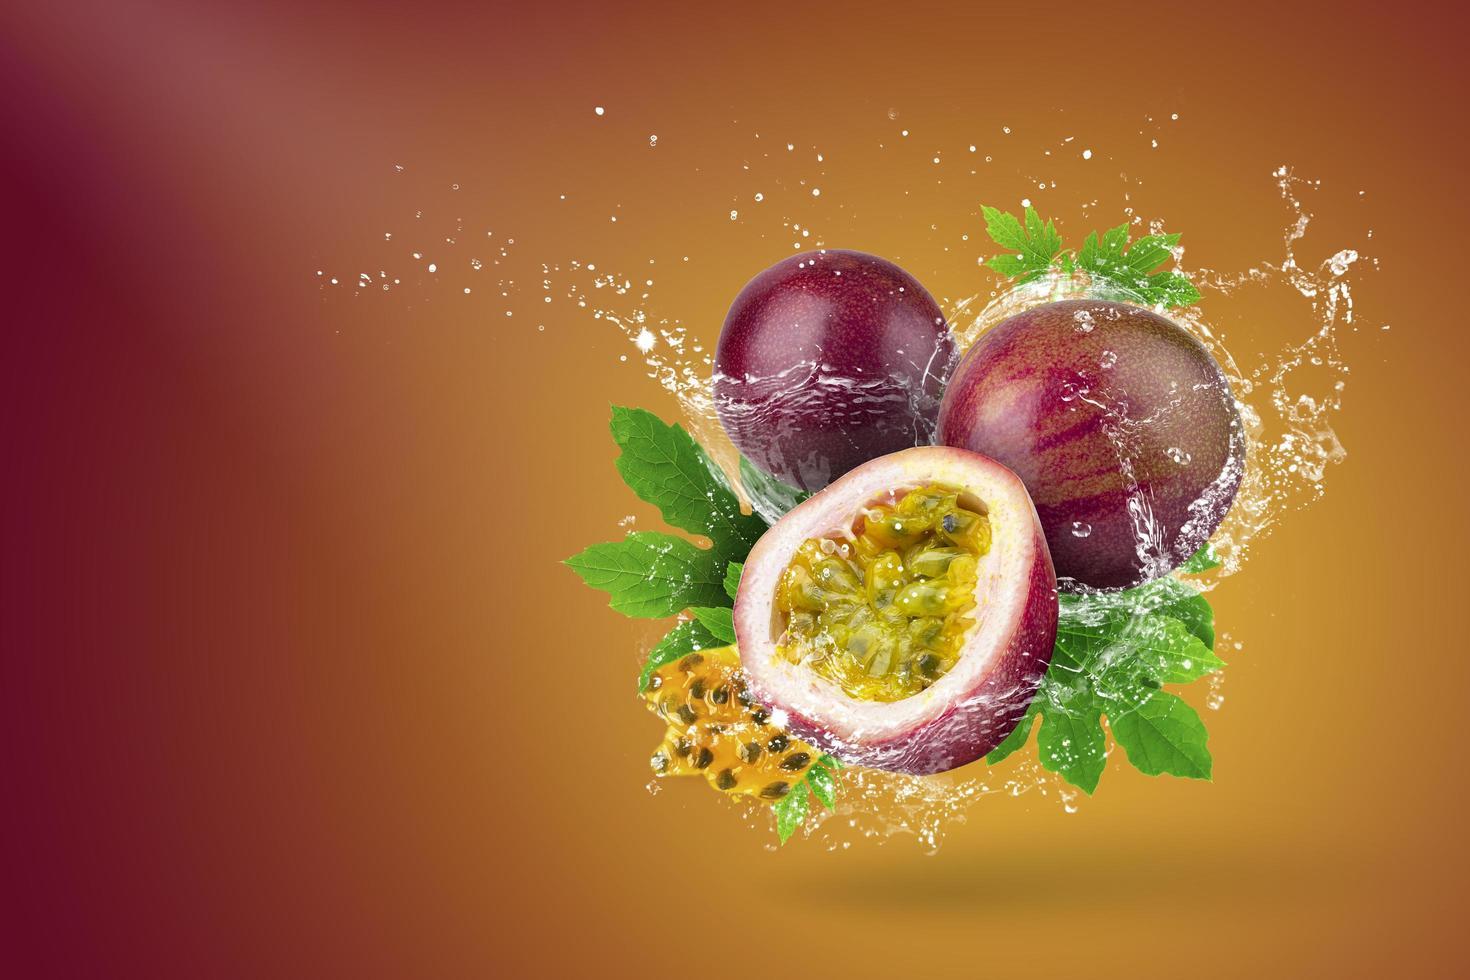 Water splashing on passion fruit  photo